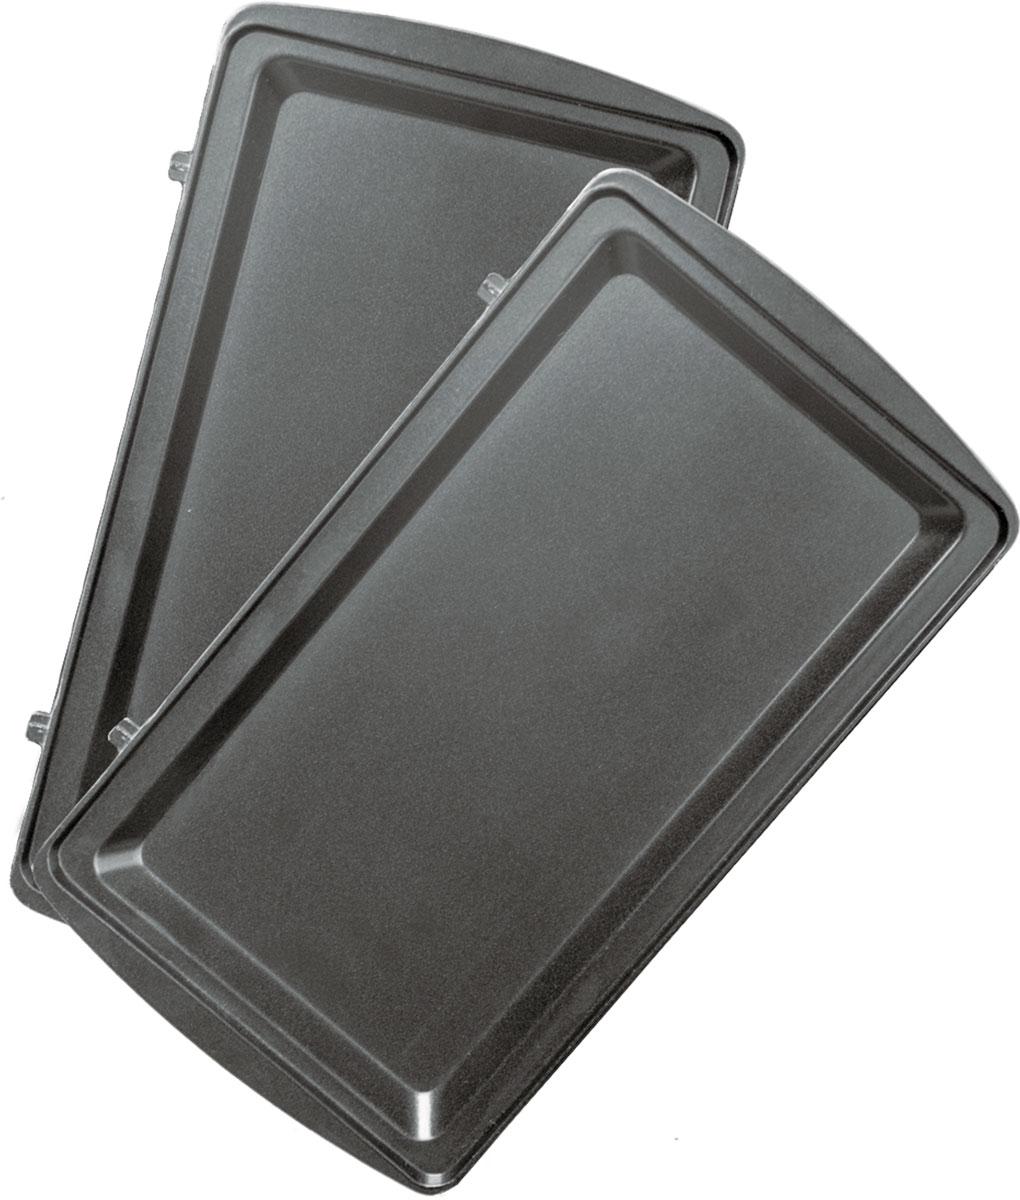 Redmond RAMB-16 панель для мультипекаряRAMB-16Универсальные съемные панели для любого мультипекаря REDMOND! Позволят приготовить печенье, пряники, бисквитные пирожные. Панели изготовлены из металла с антипригарным покрытием – они долговечны и легки в уходе.